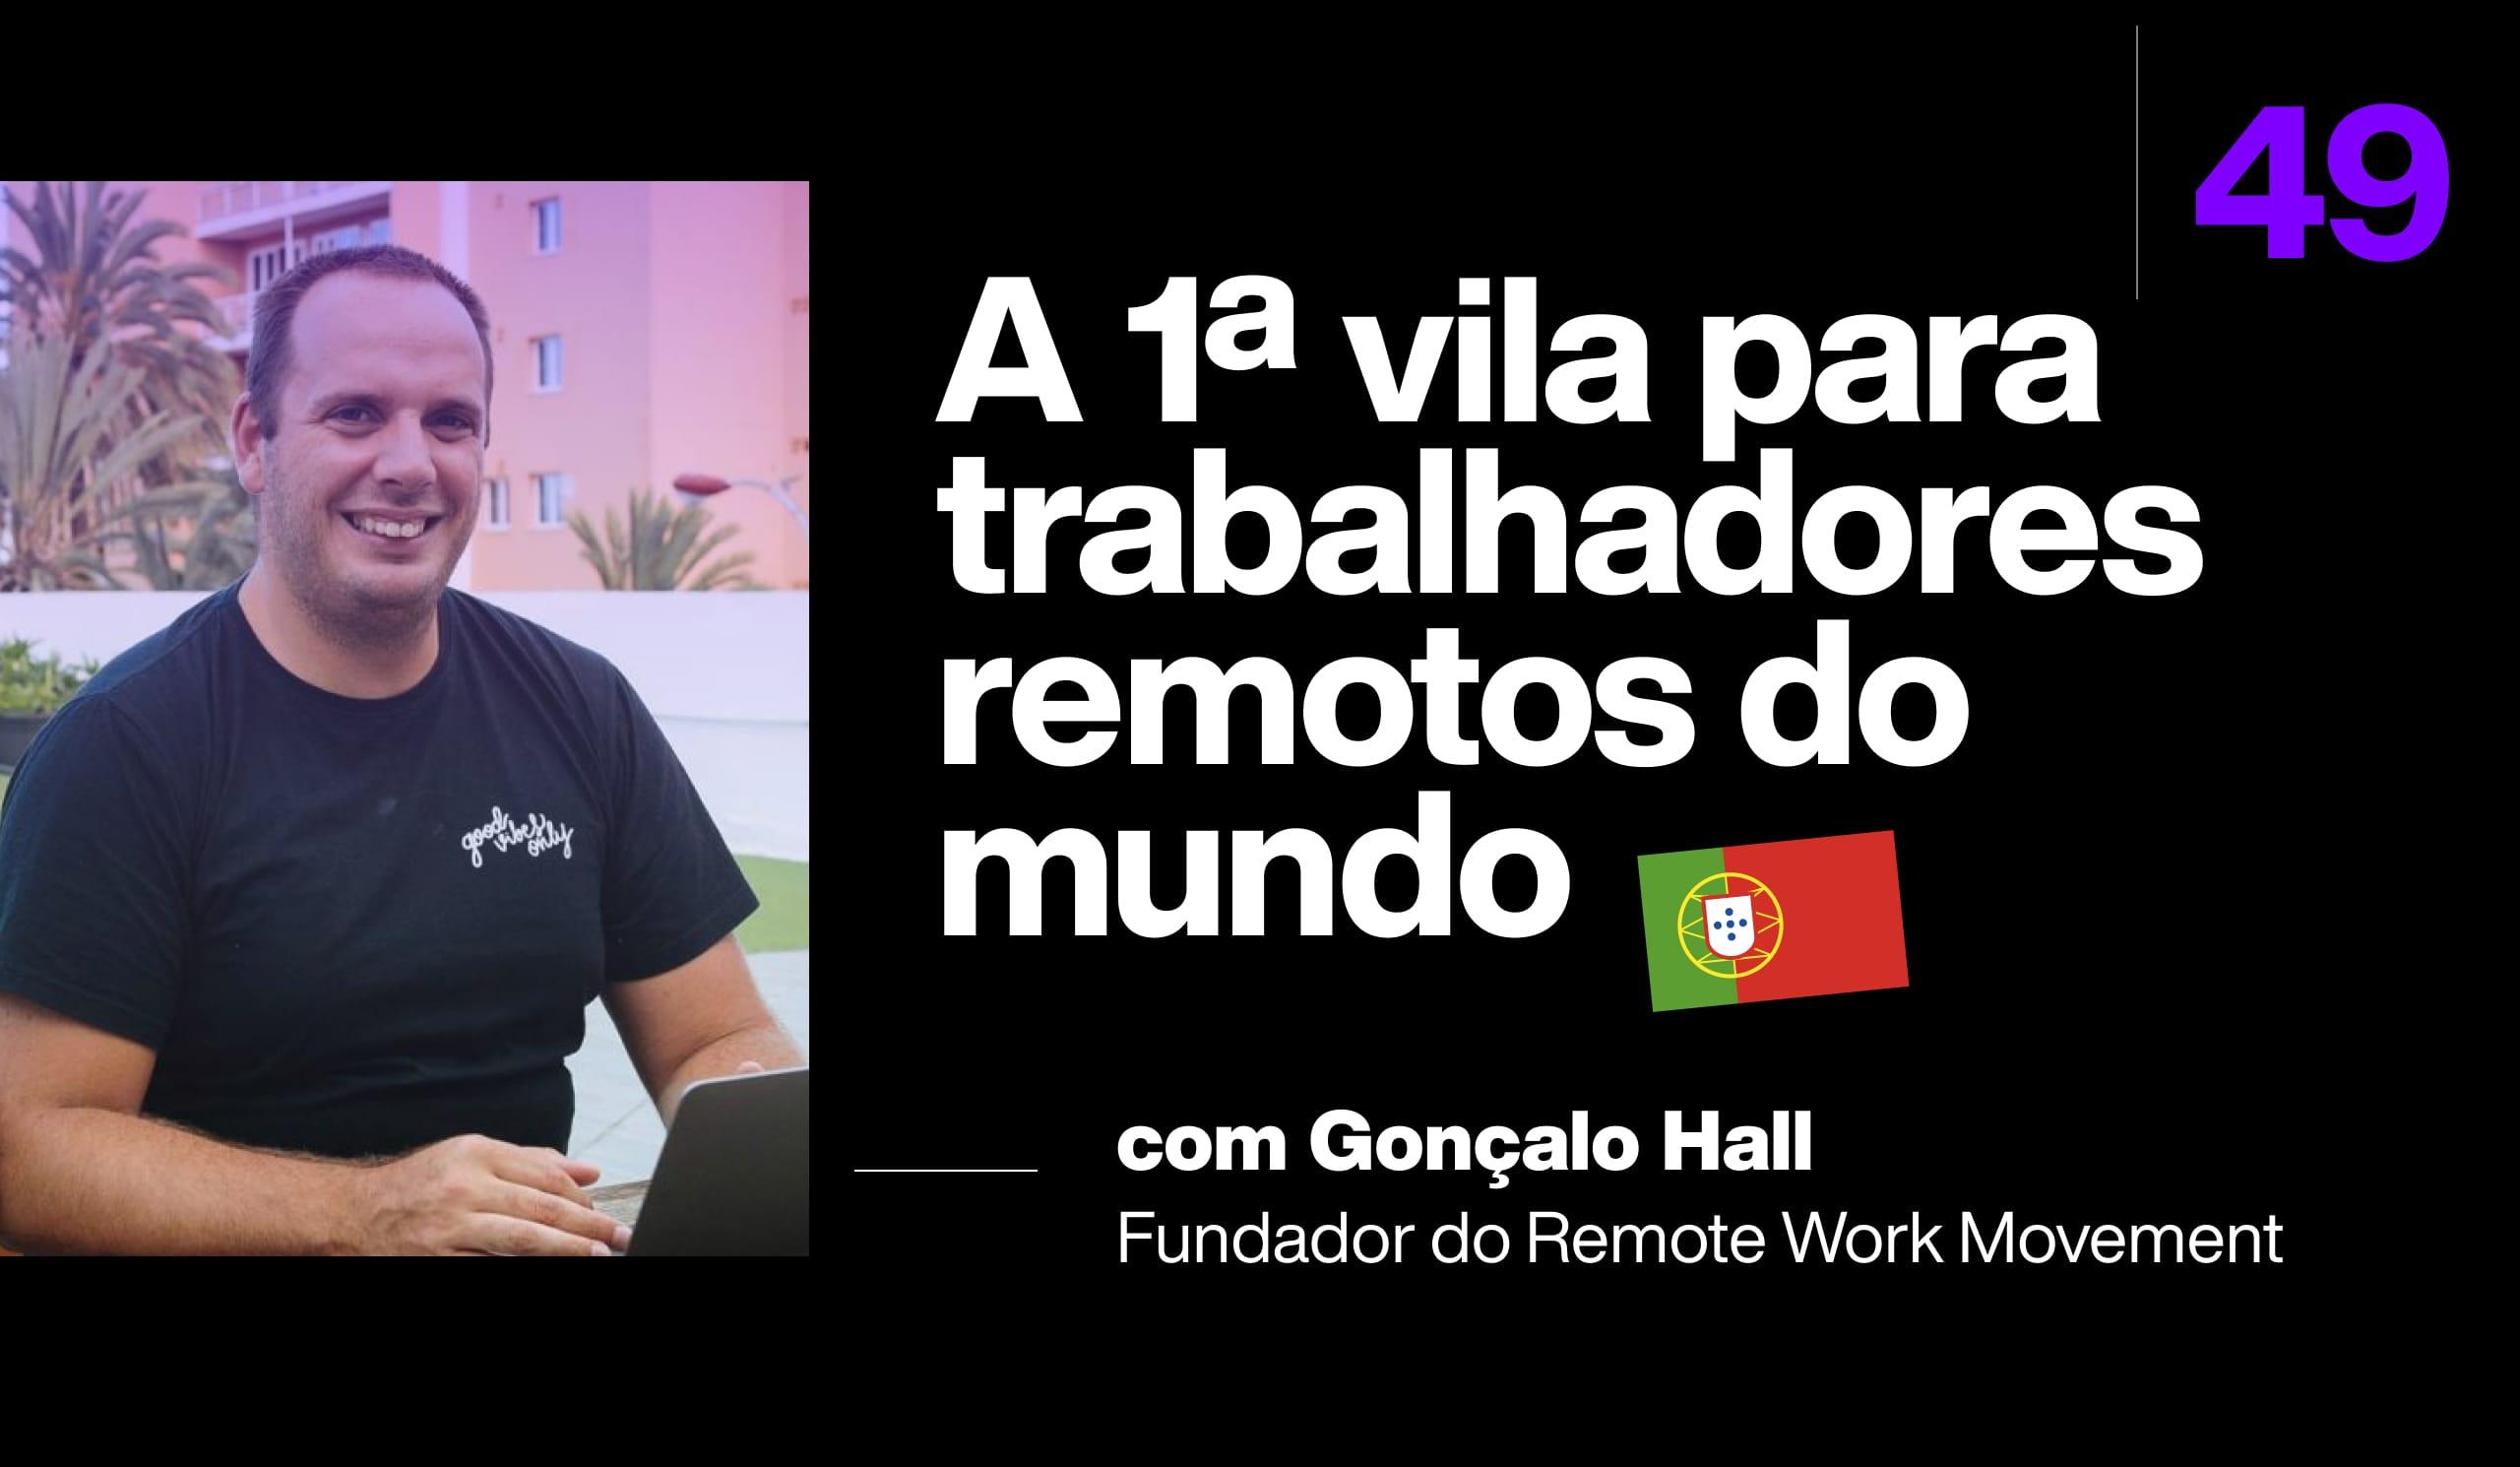 Como é a primeira vila para trabalhadores remotos do mundo?